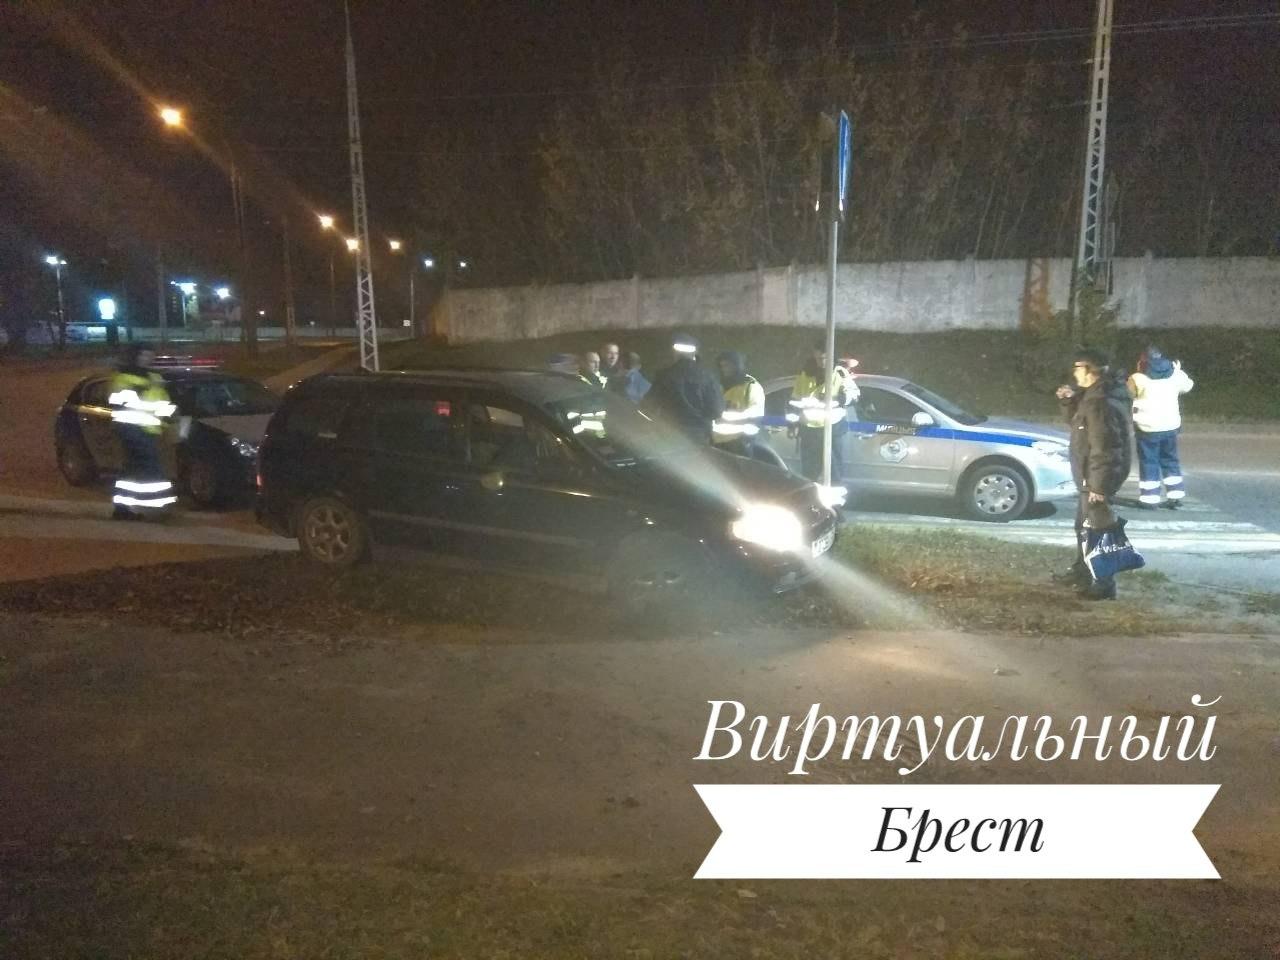 Ночью сотрудники ГАИ провели задержание нарушителя